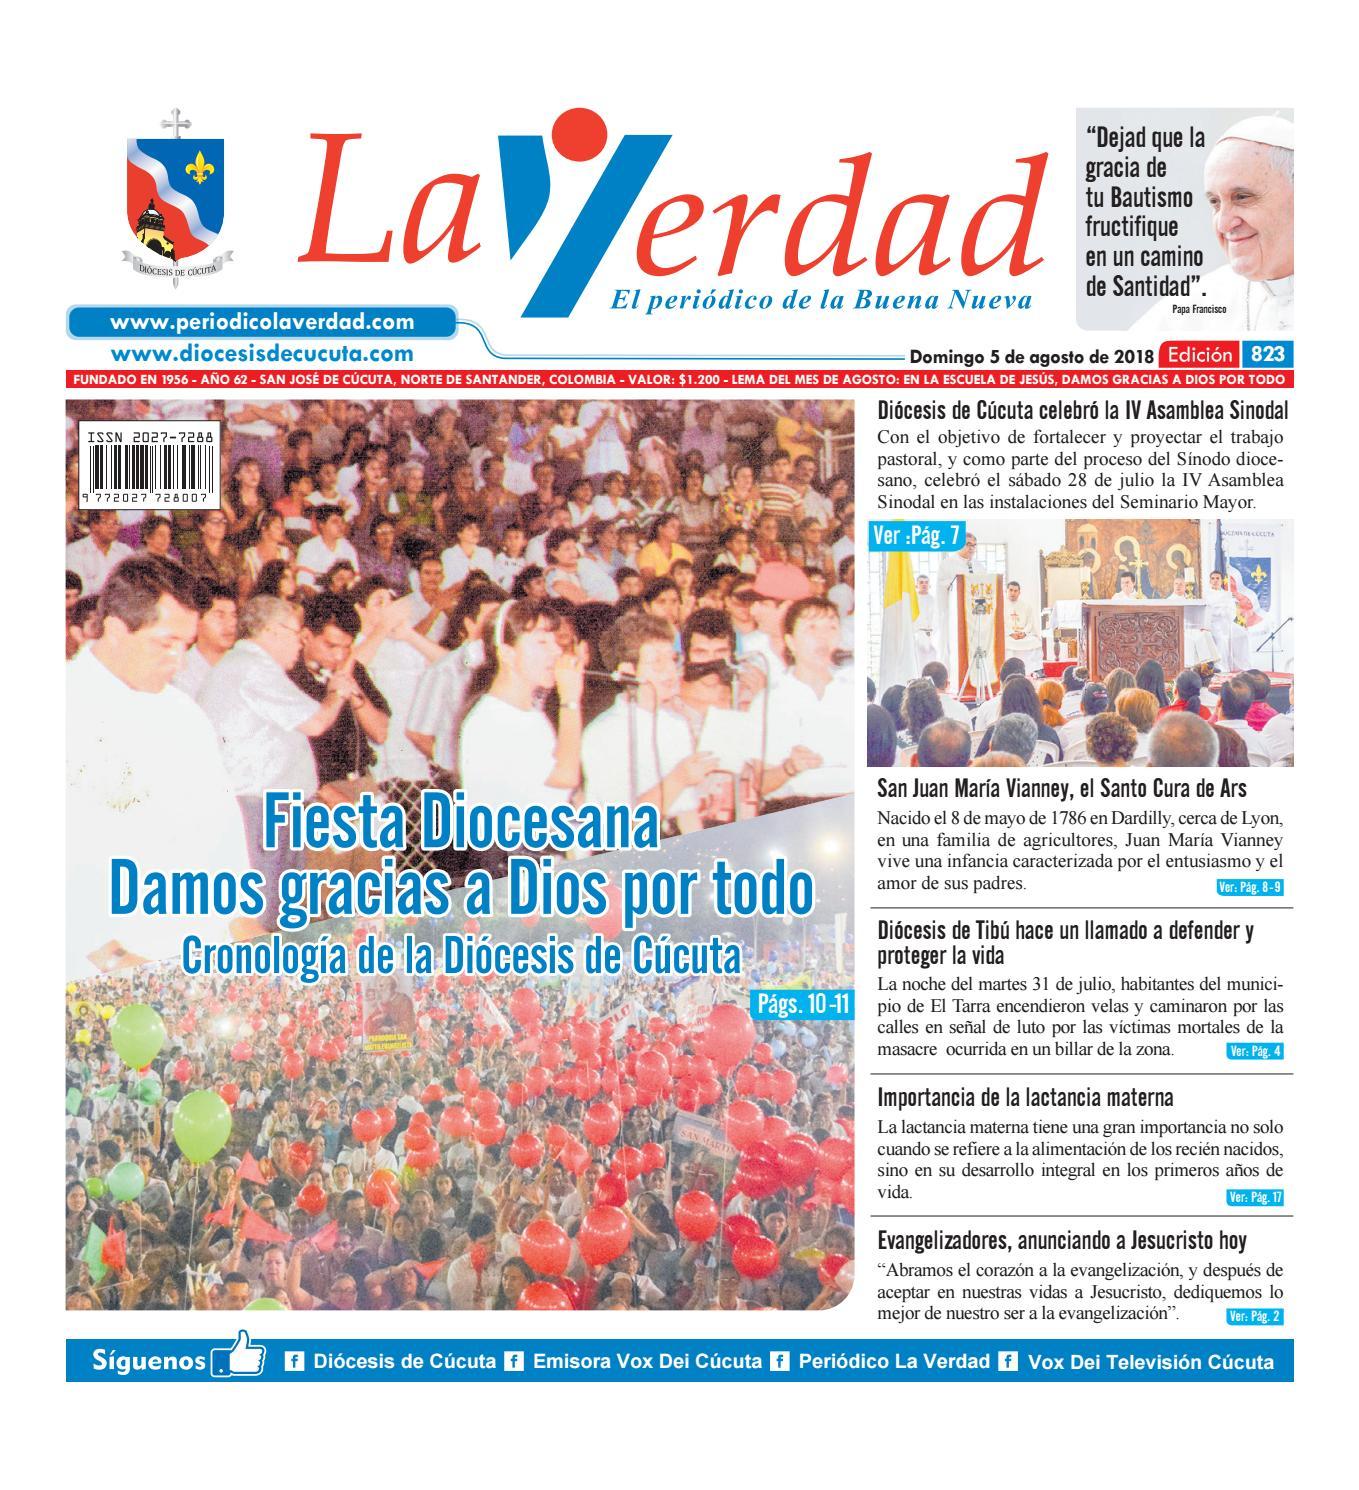 Edición 823 by La Verdad Periódico de la Buena Nueva - issuu